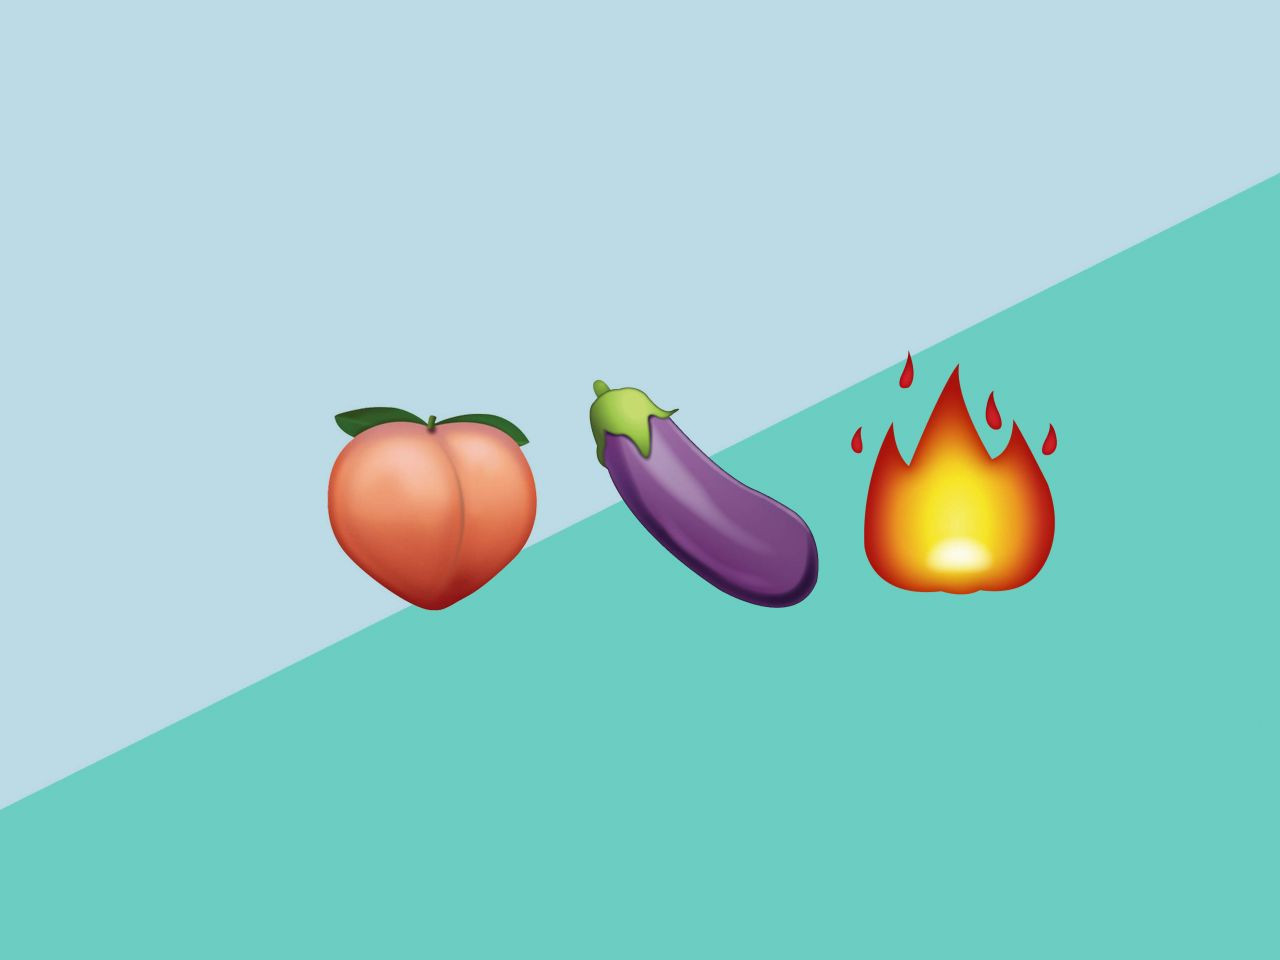 Emoji kullananlar daha çok seks yapıyor - Sayfa 2